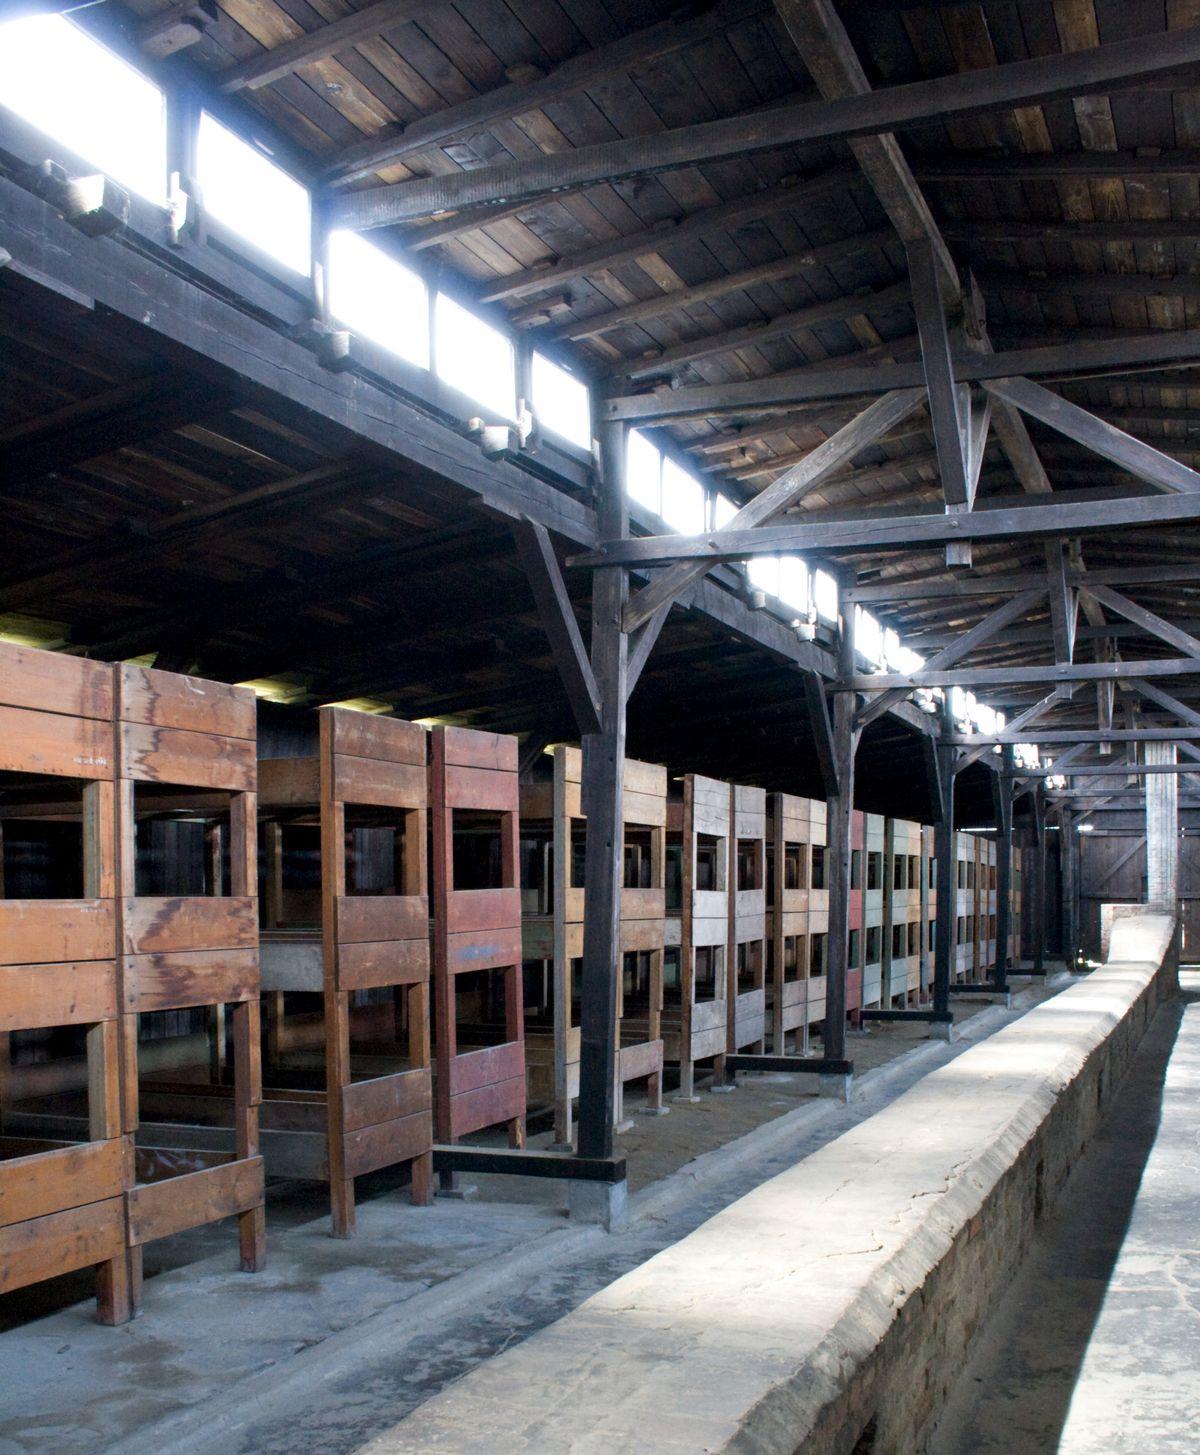 Wnętrze jednego z baraków w obozie Auschwitz. Stanisław Ryniak spędził w takich warunkach ponad cztery i pół roku swojego życia.